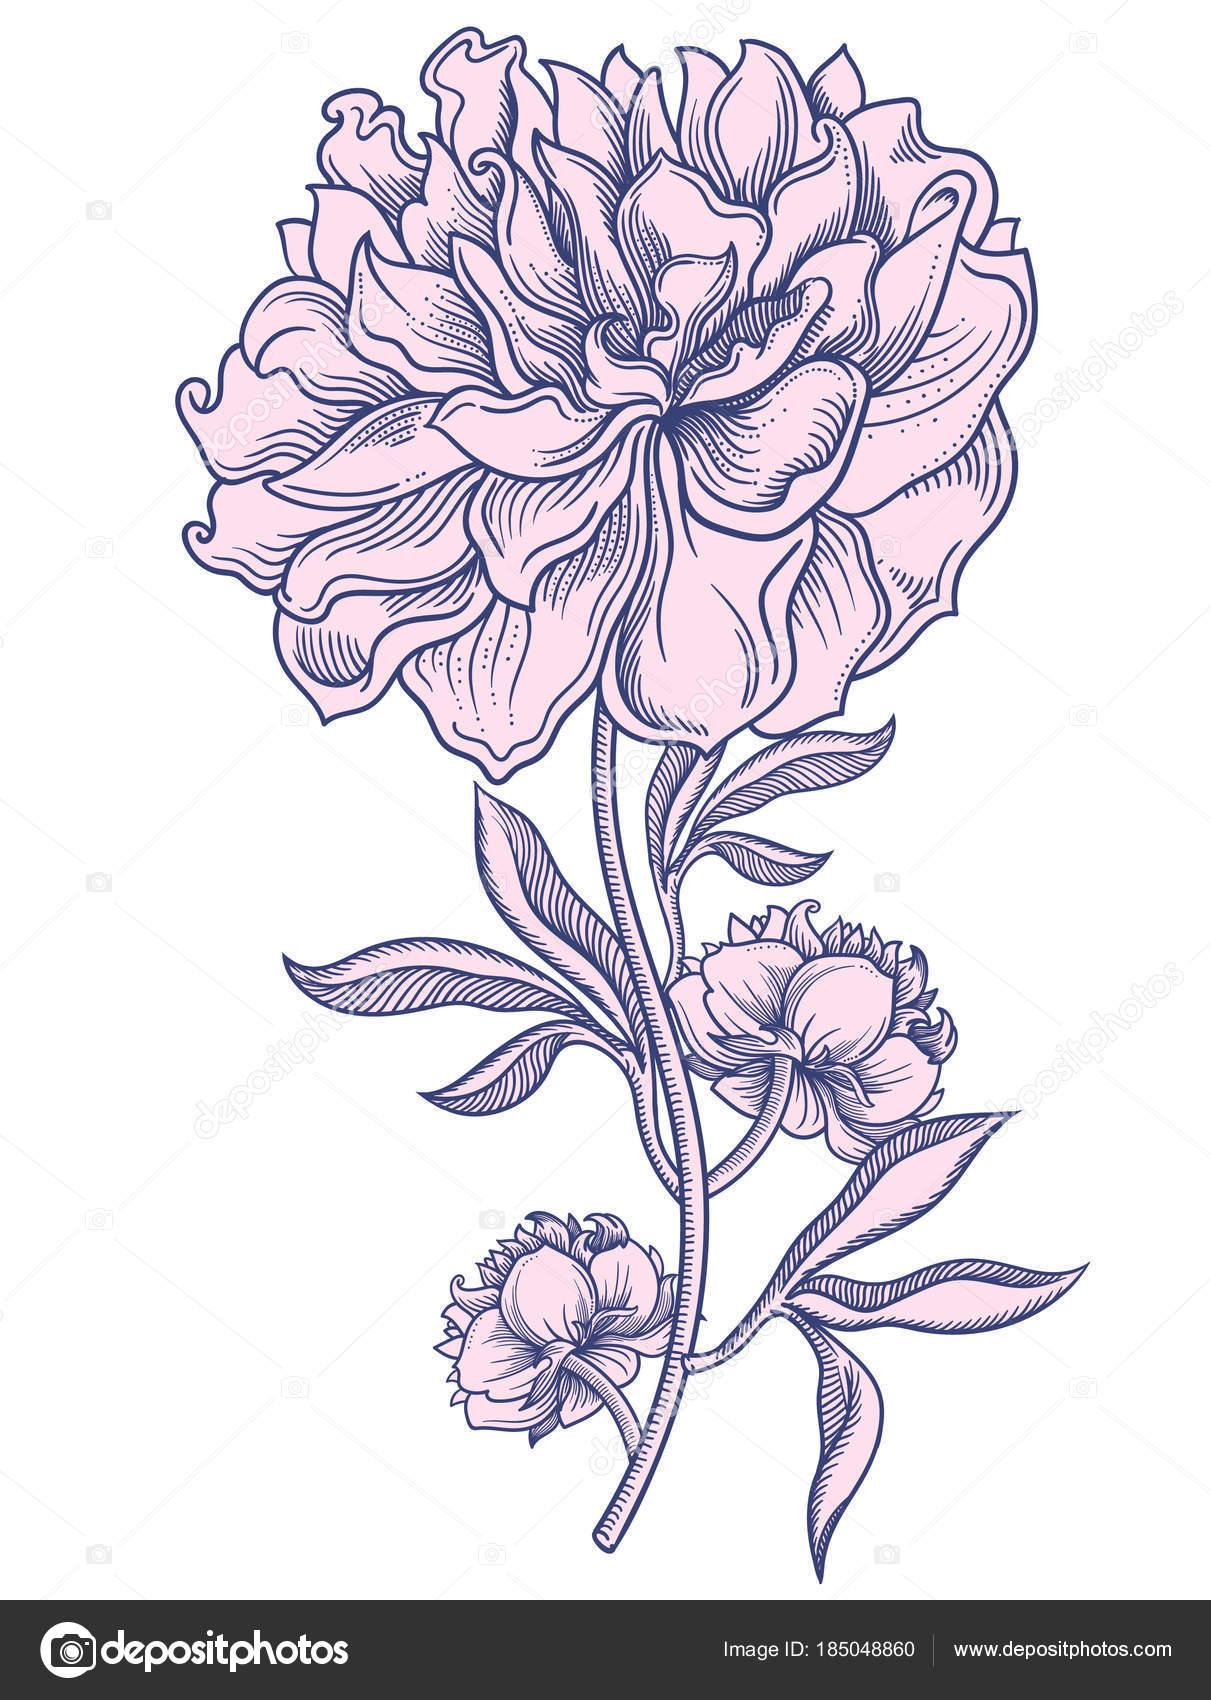 pfingstrose zeichnen blumen zeichnung, blühende pfingstrosen blumen, detaillierte handgezeichnete vektor, Design ideen